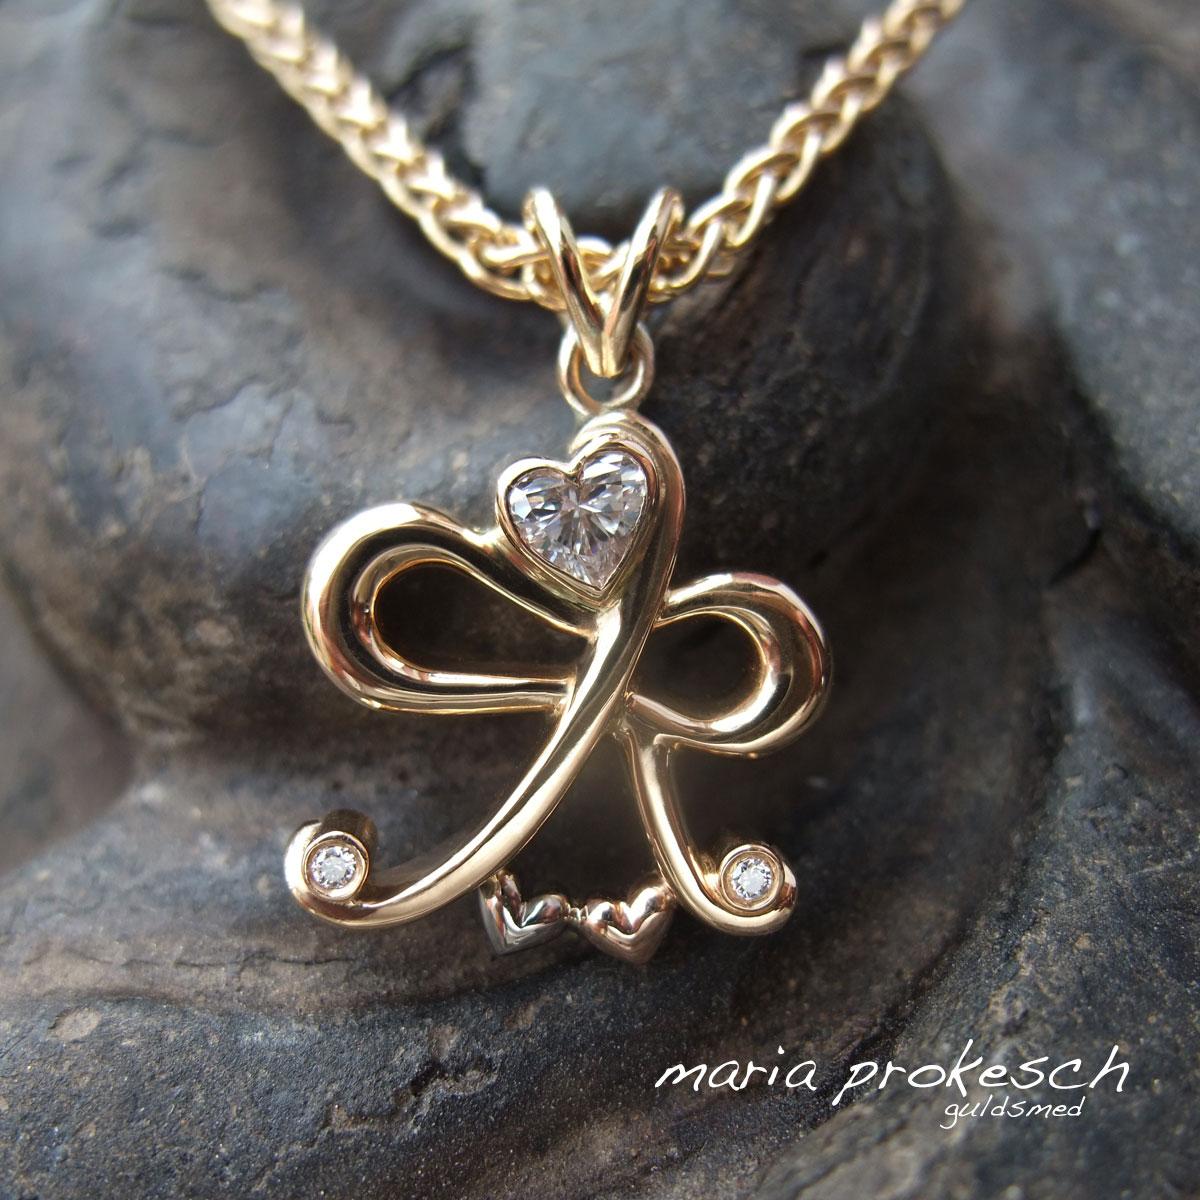 Personligt monogram som vedhæng i guld. Unika smykke med detaljer, bogstaver og hjerter. Hjerteslebet diamant og brillanter som pynt